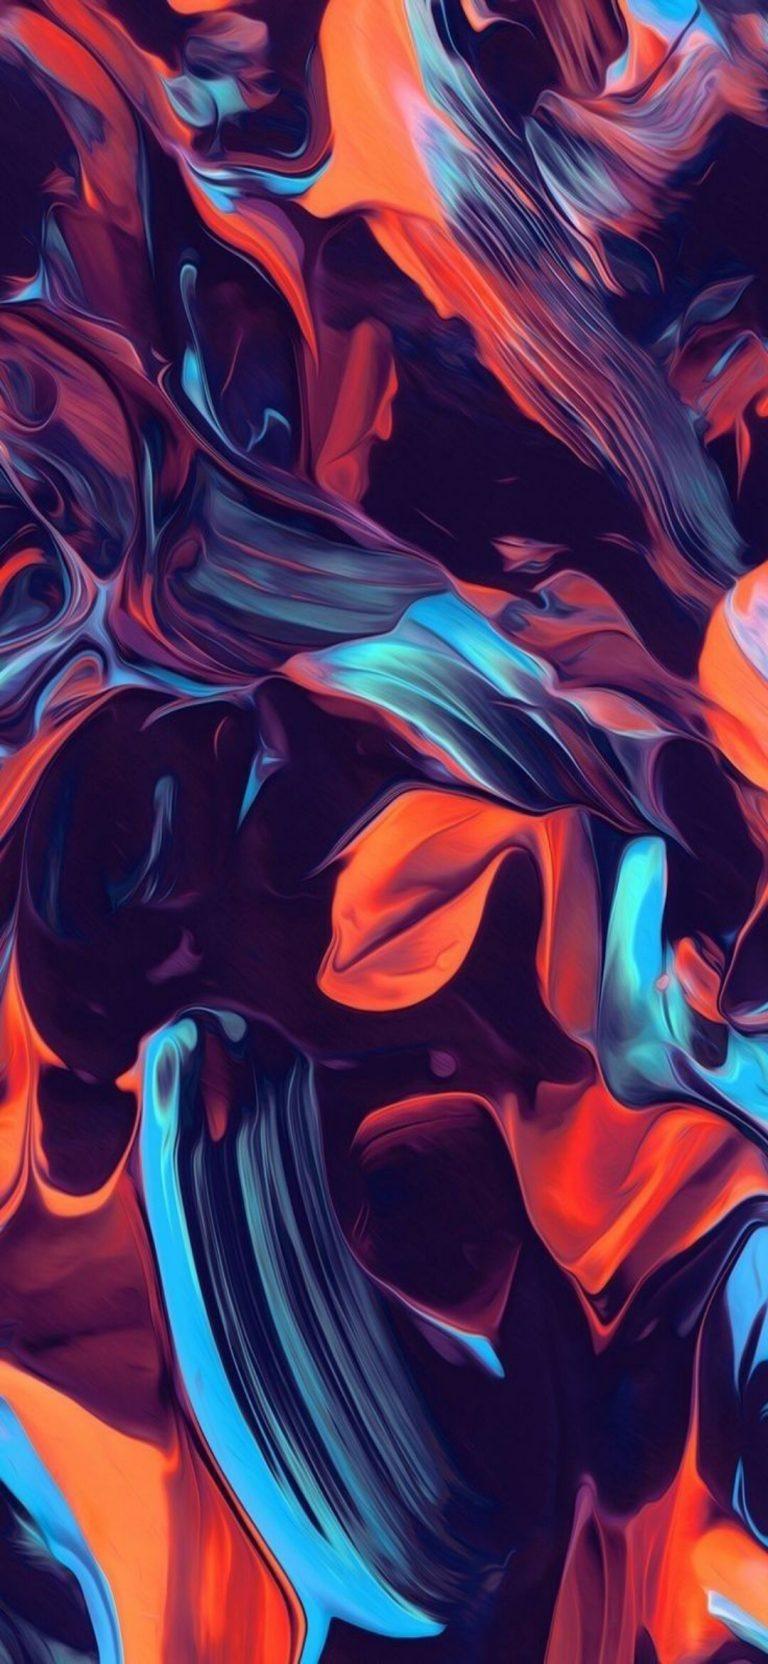 Redmi Note 7S Stock Wallpaper 04 1080x2340 768x1664